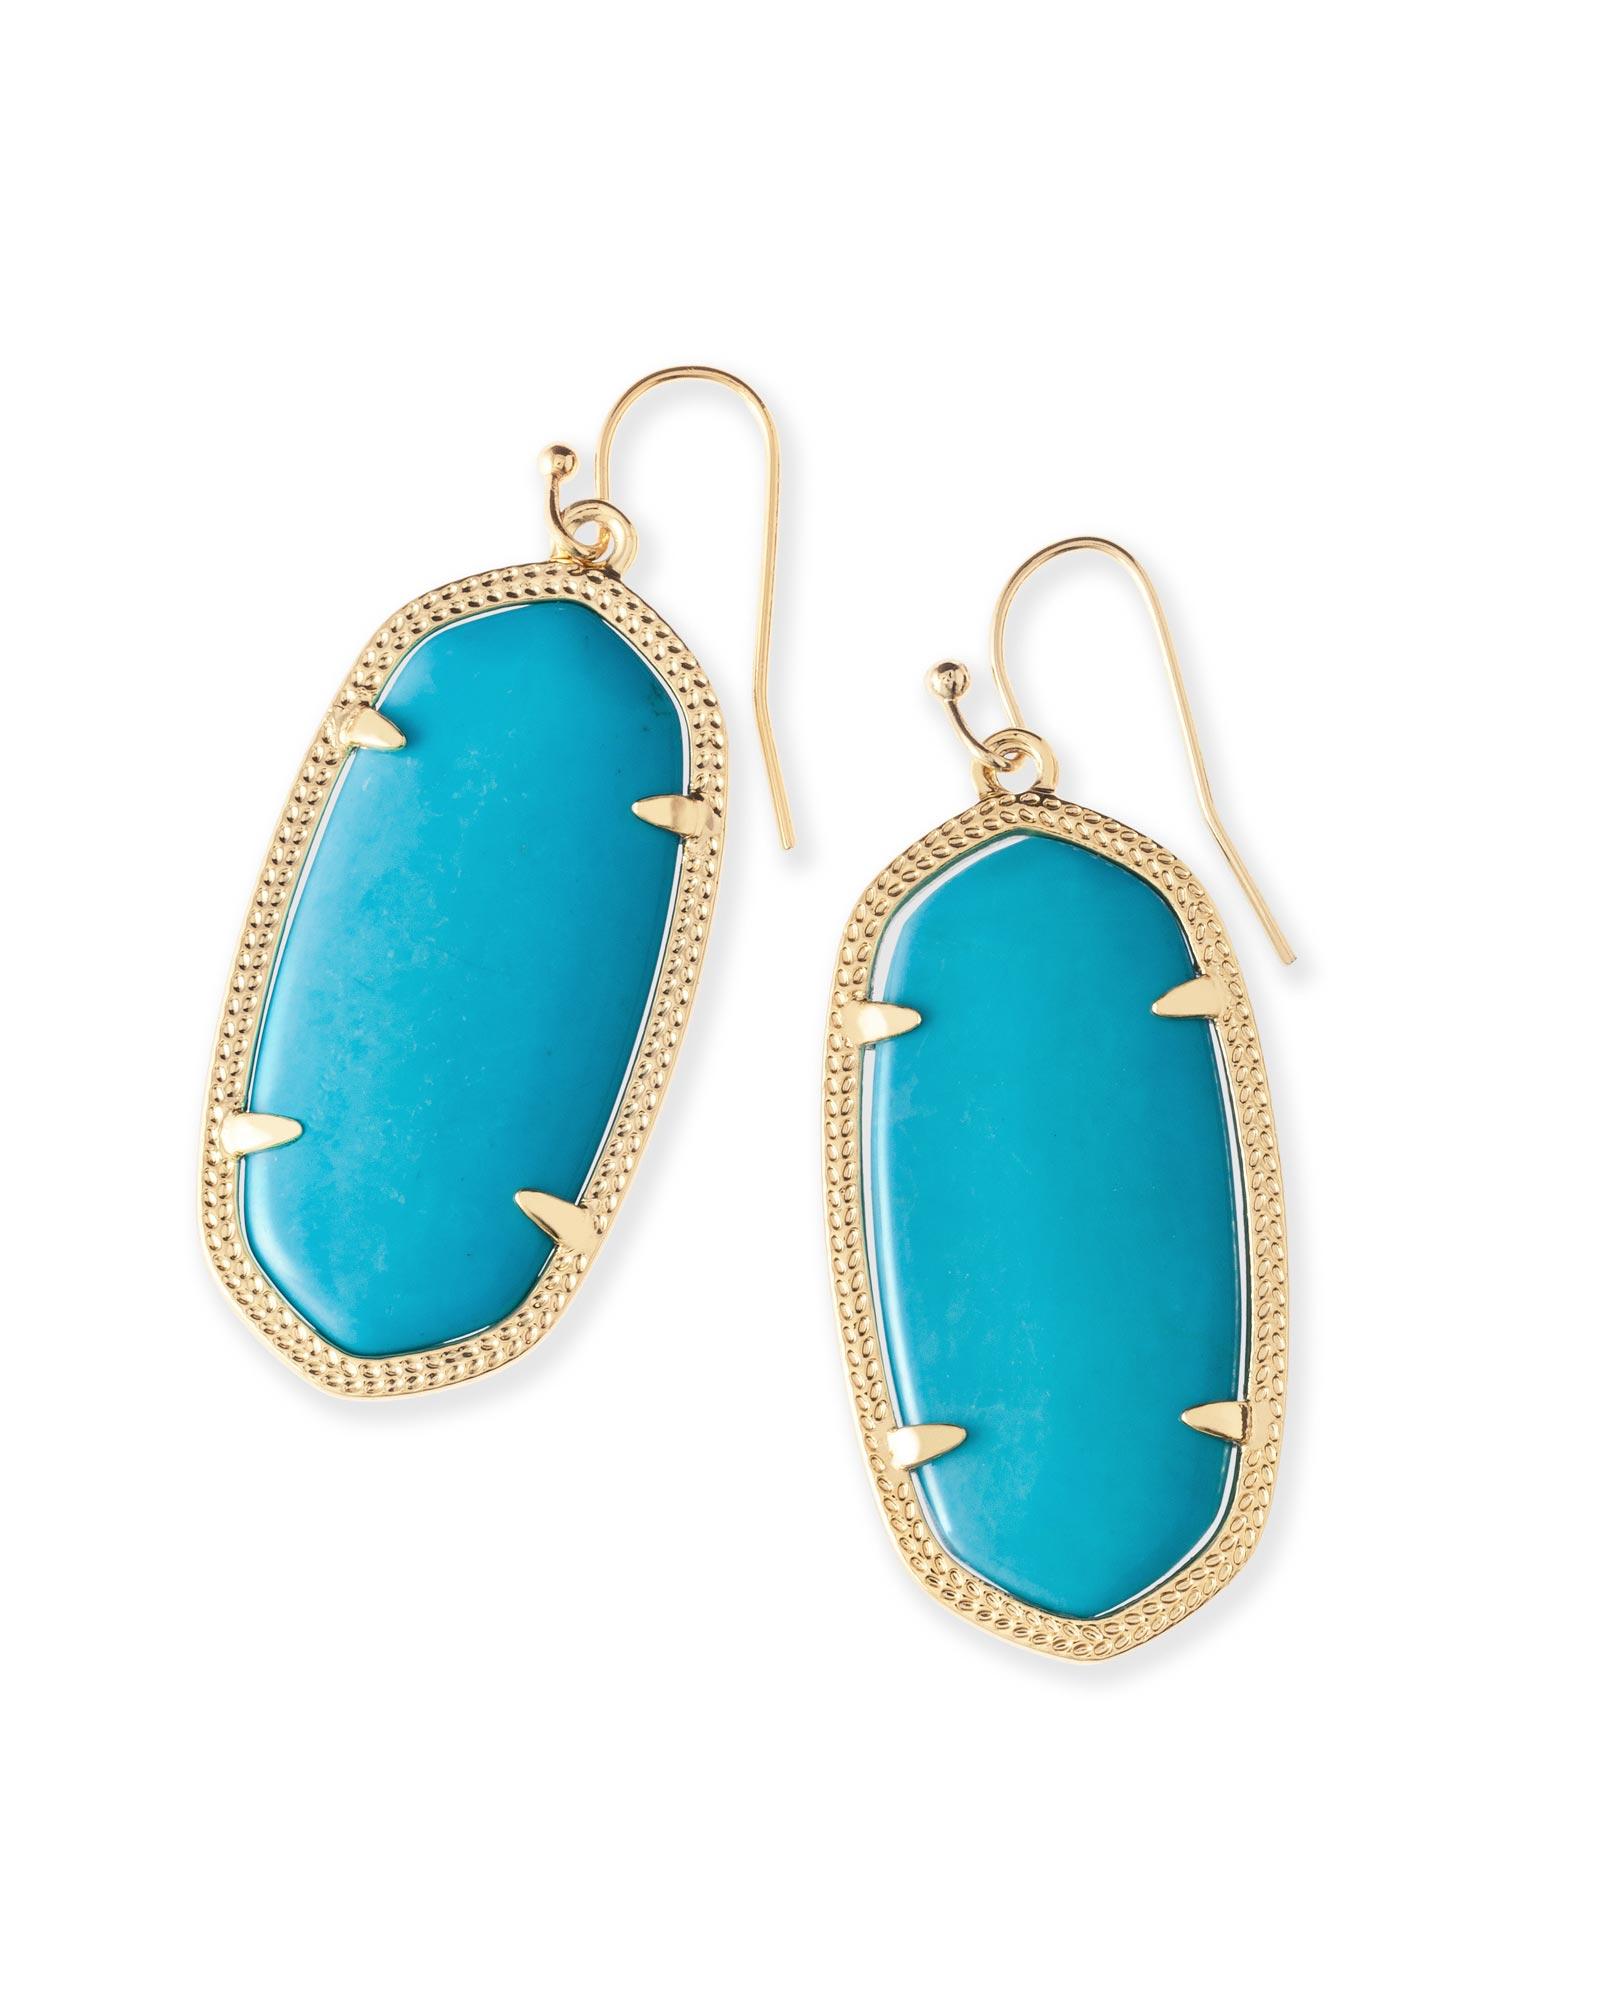 Elle Drop Gold Earrings in Turquoise